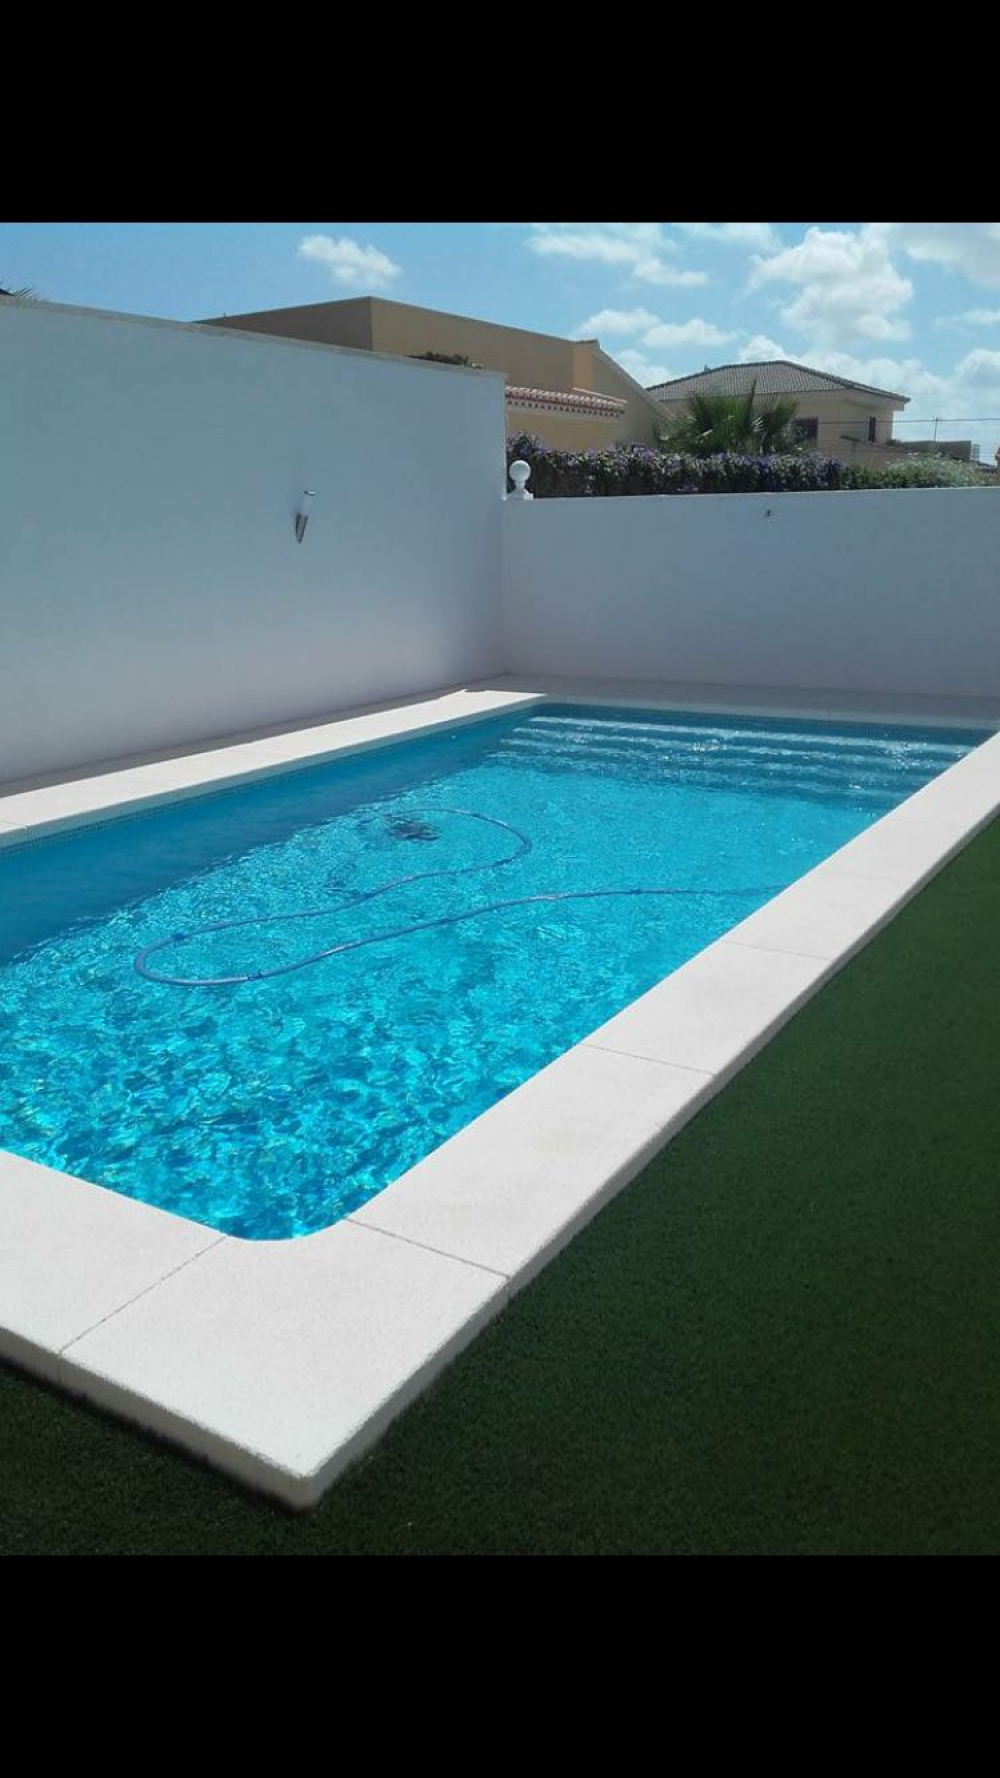 Piscinas moya construcci n de piscinas de obra en for Precio construccion piscina obra